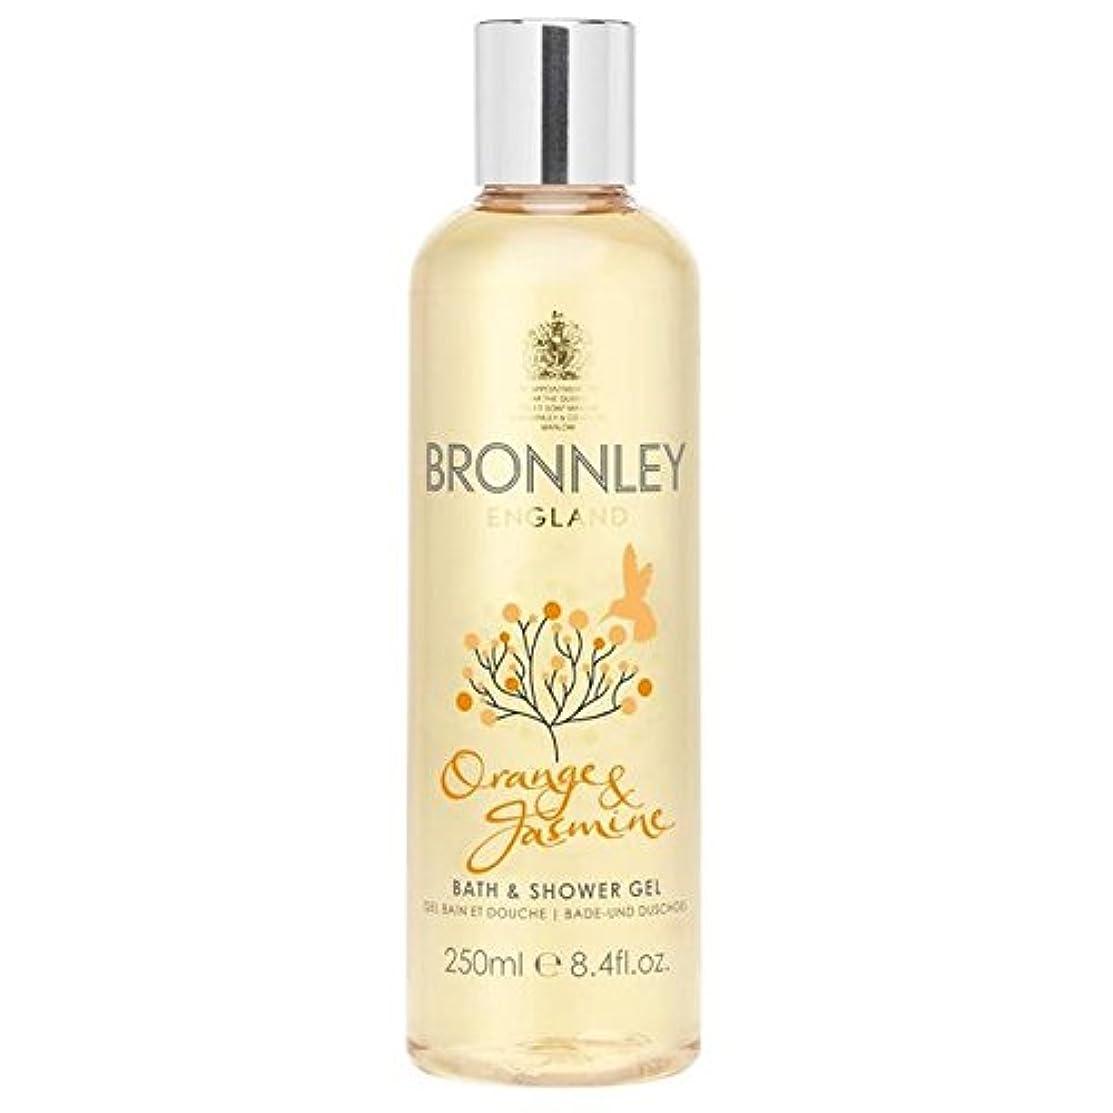 シャット国際スラム街オレンジ&ジャスミンバス&シャワージェル250ミリリットル x2 - Bronnley Orange & Jasmine Bath & Shower Gel 250ml (Pack of 2) [並行輸入品]